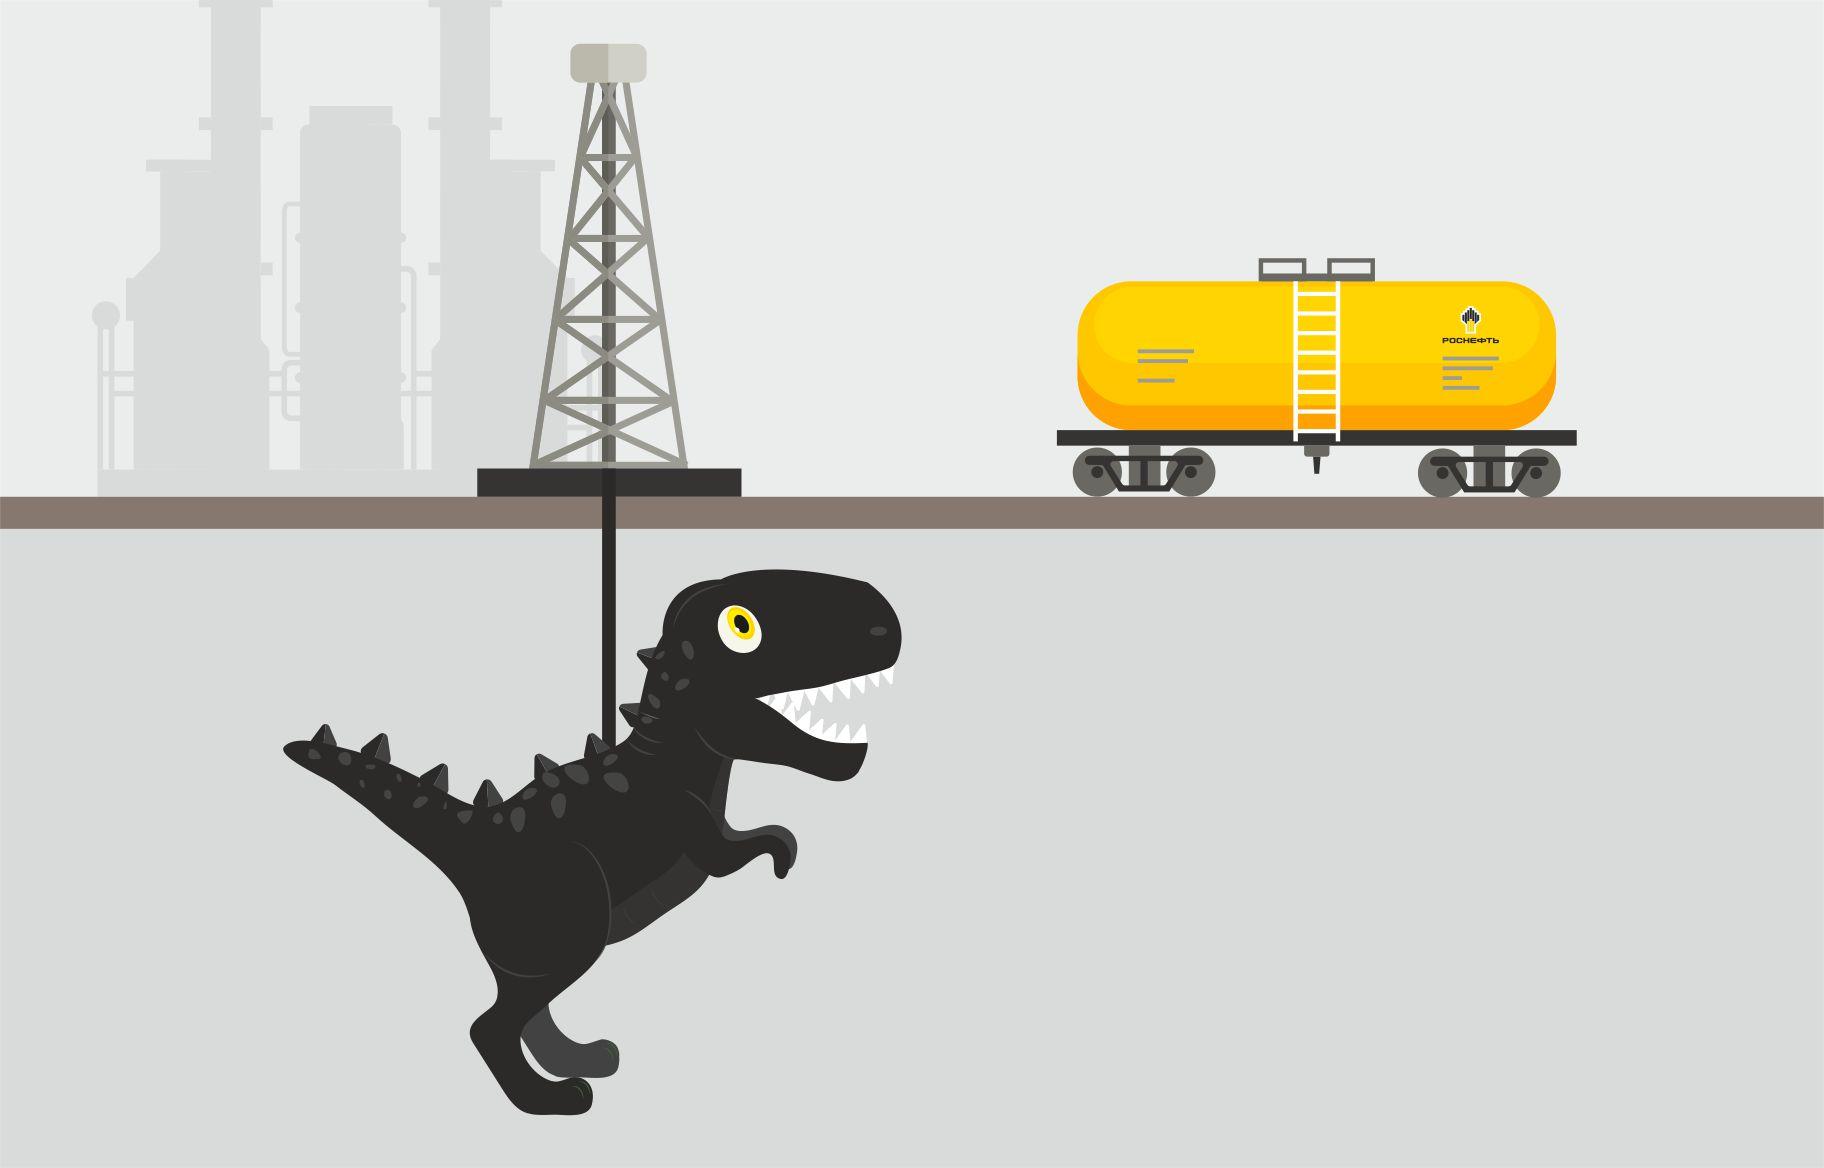 Нефтянка для инженеров, программистов, математиков и широких масс трудящихся, часть 1 - 2